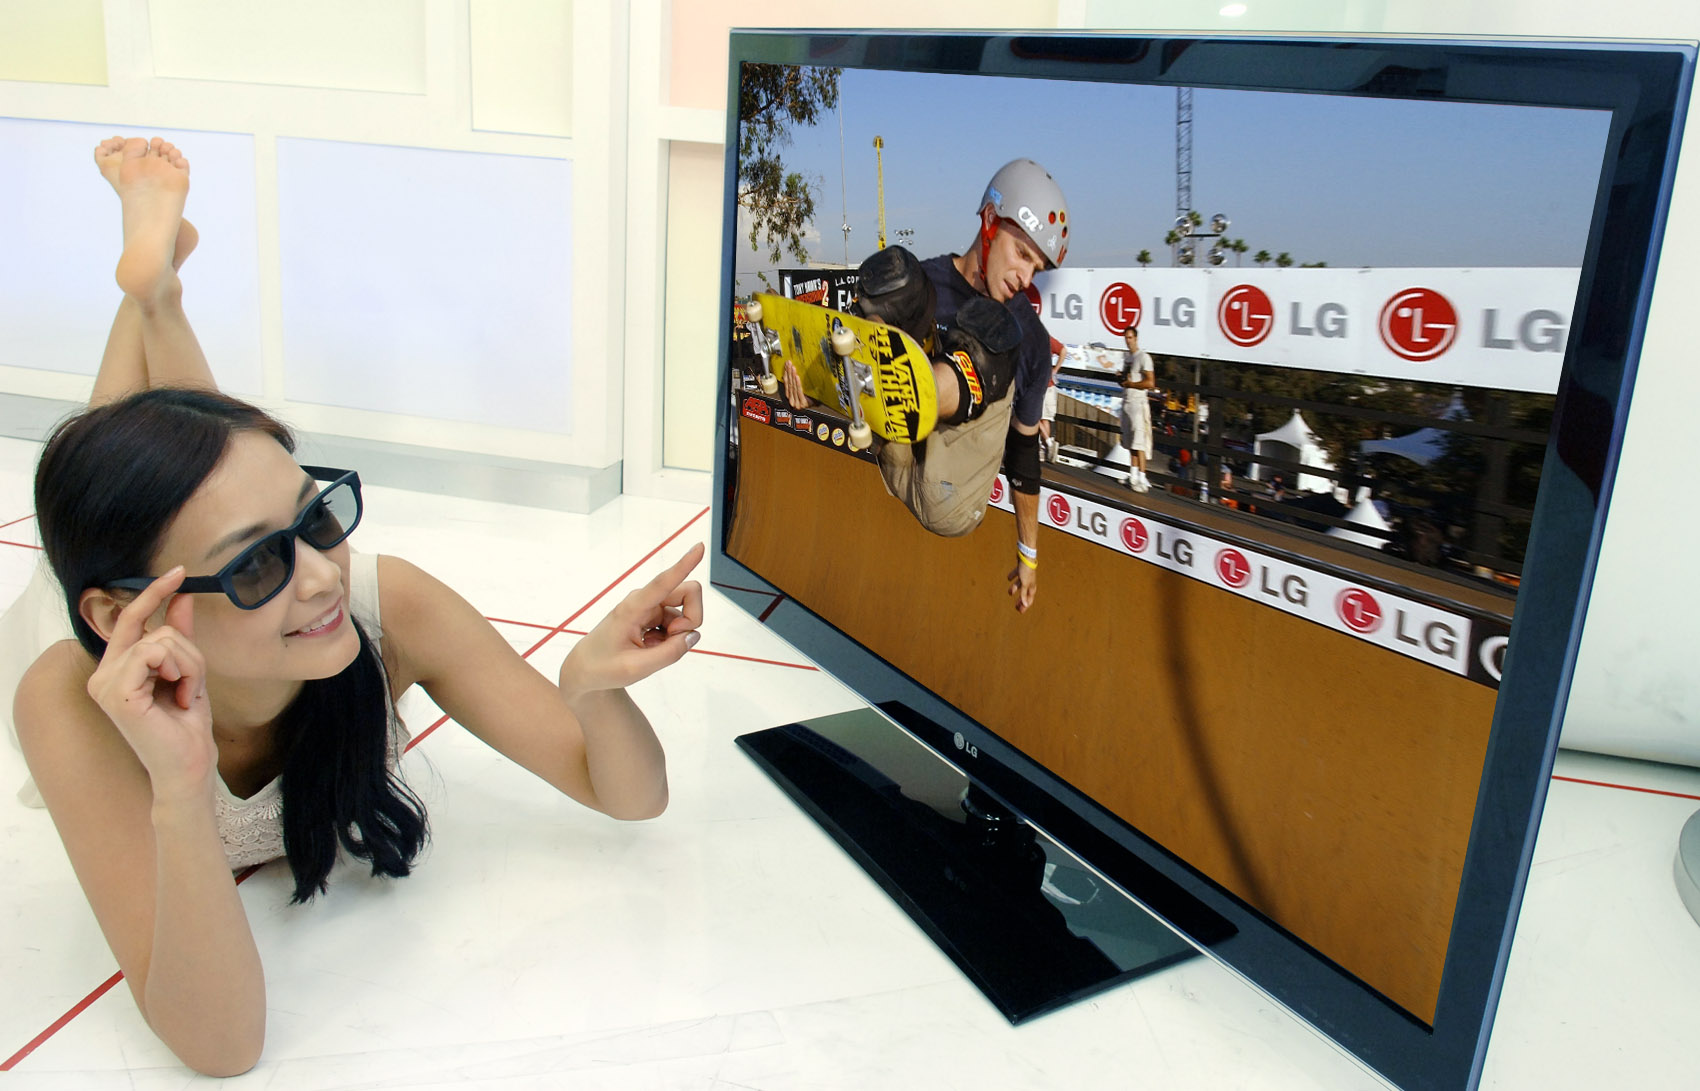 samsung, lg, 3d tv, 3d, death of 3d, 3d content